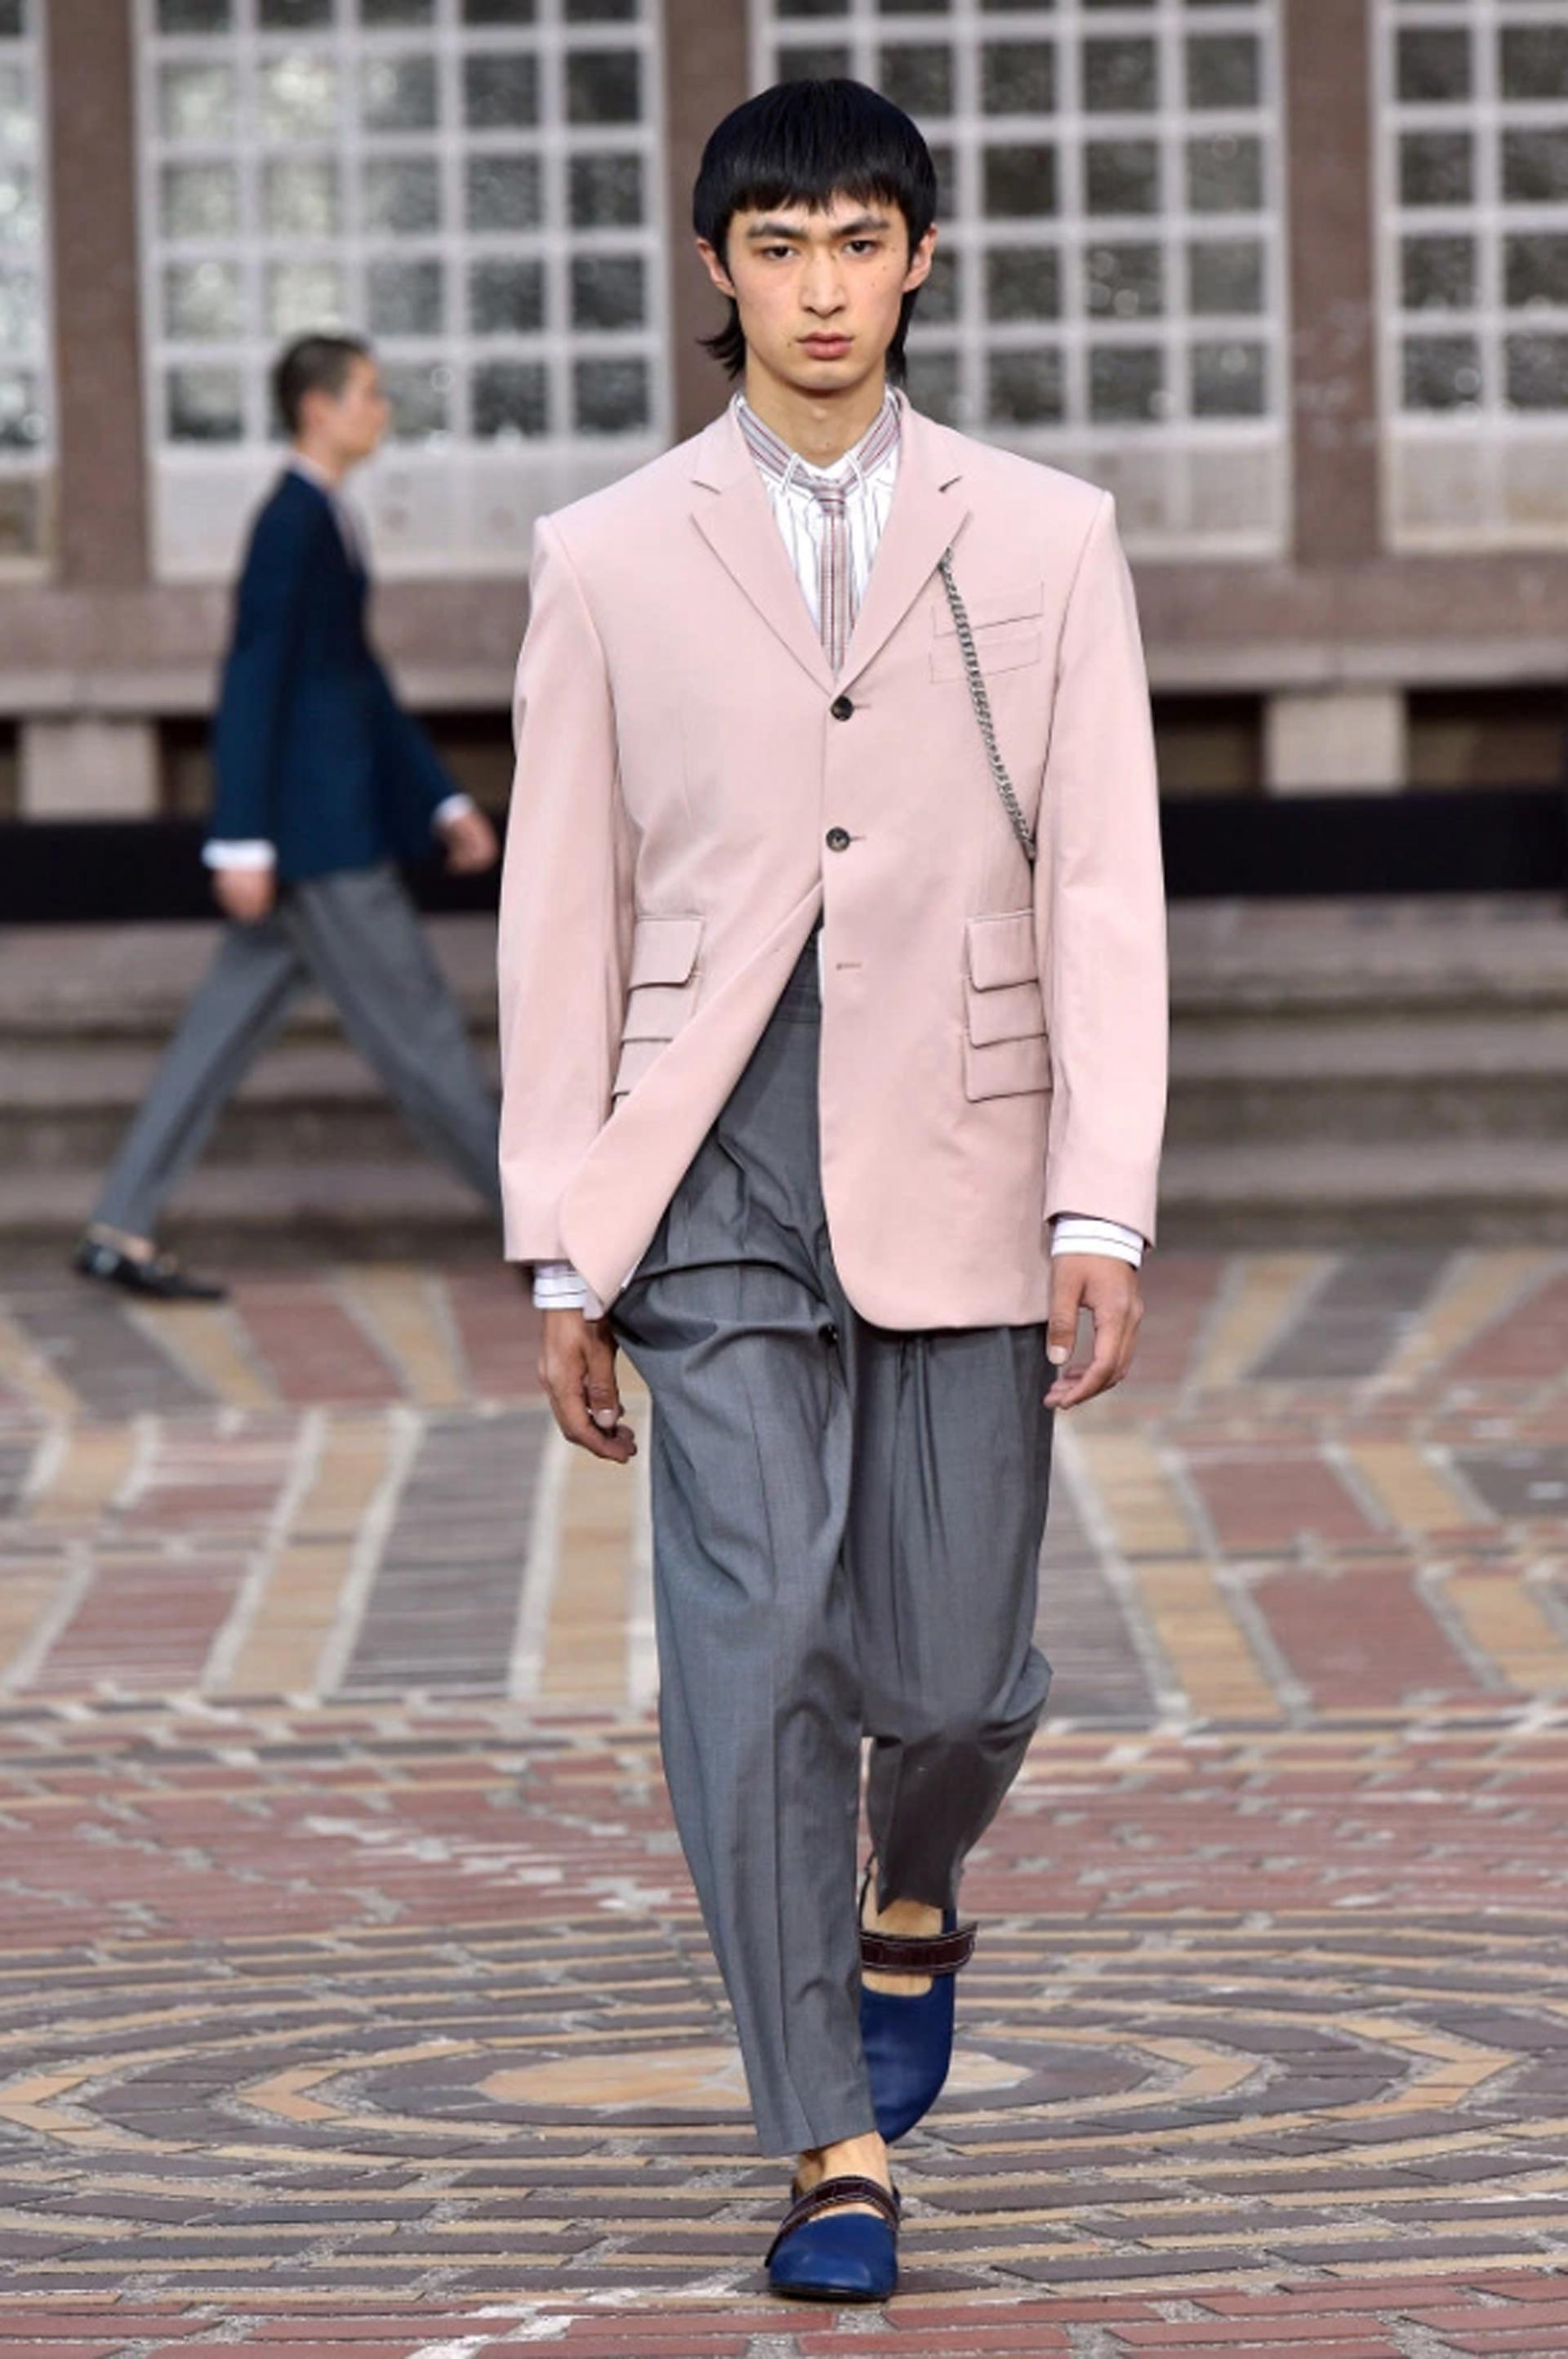 En combinación de un saco rosa pastel y un pantalón sastrero tiro alto en gris melange con camisa que simula tener una corbata como diseño